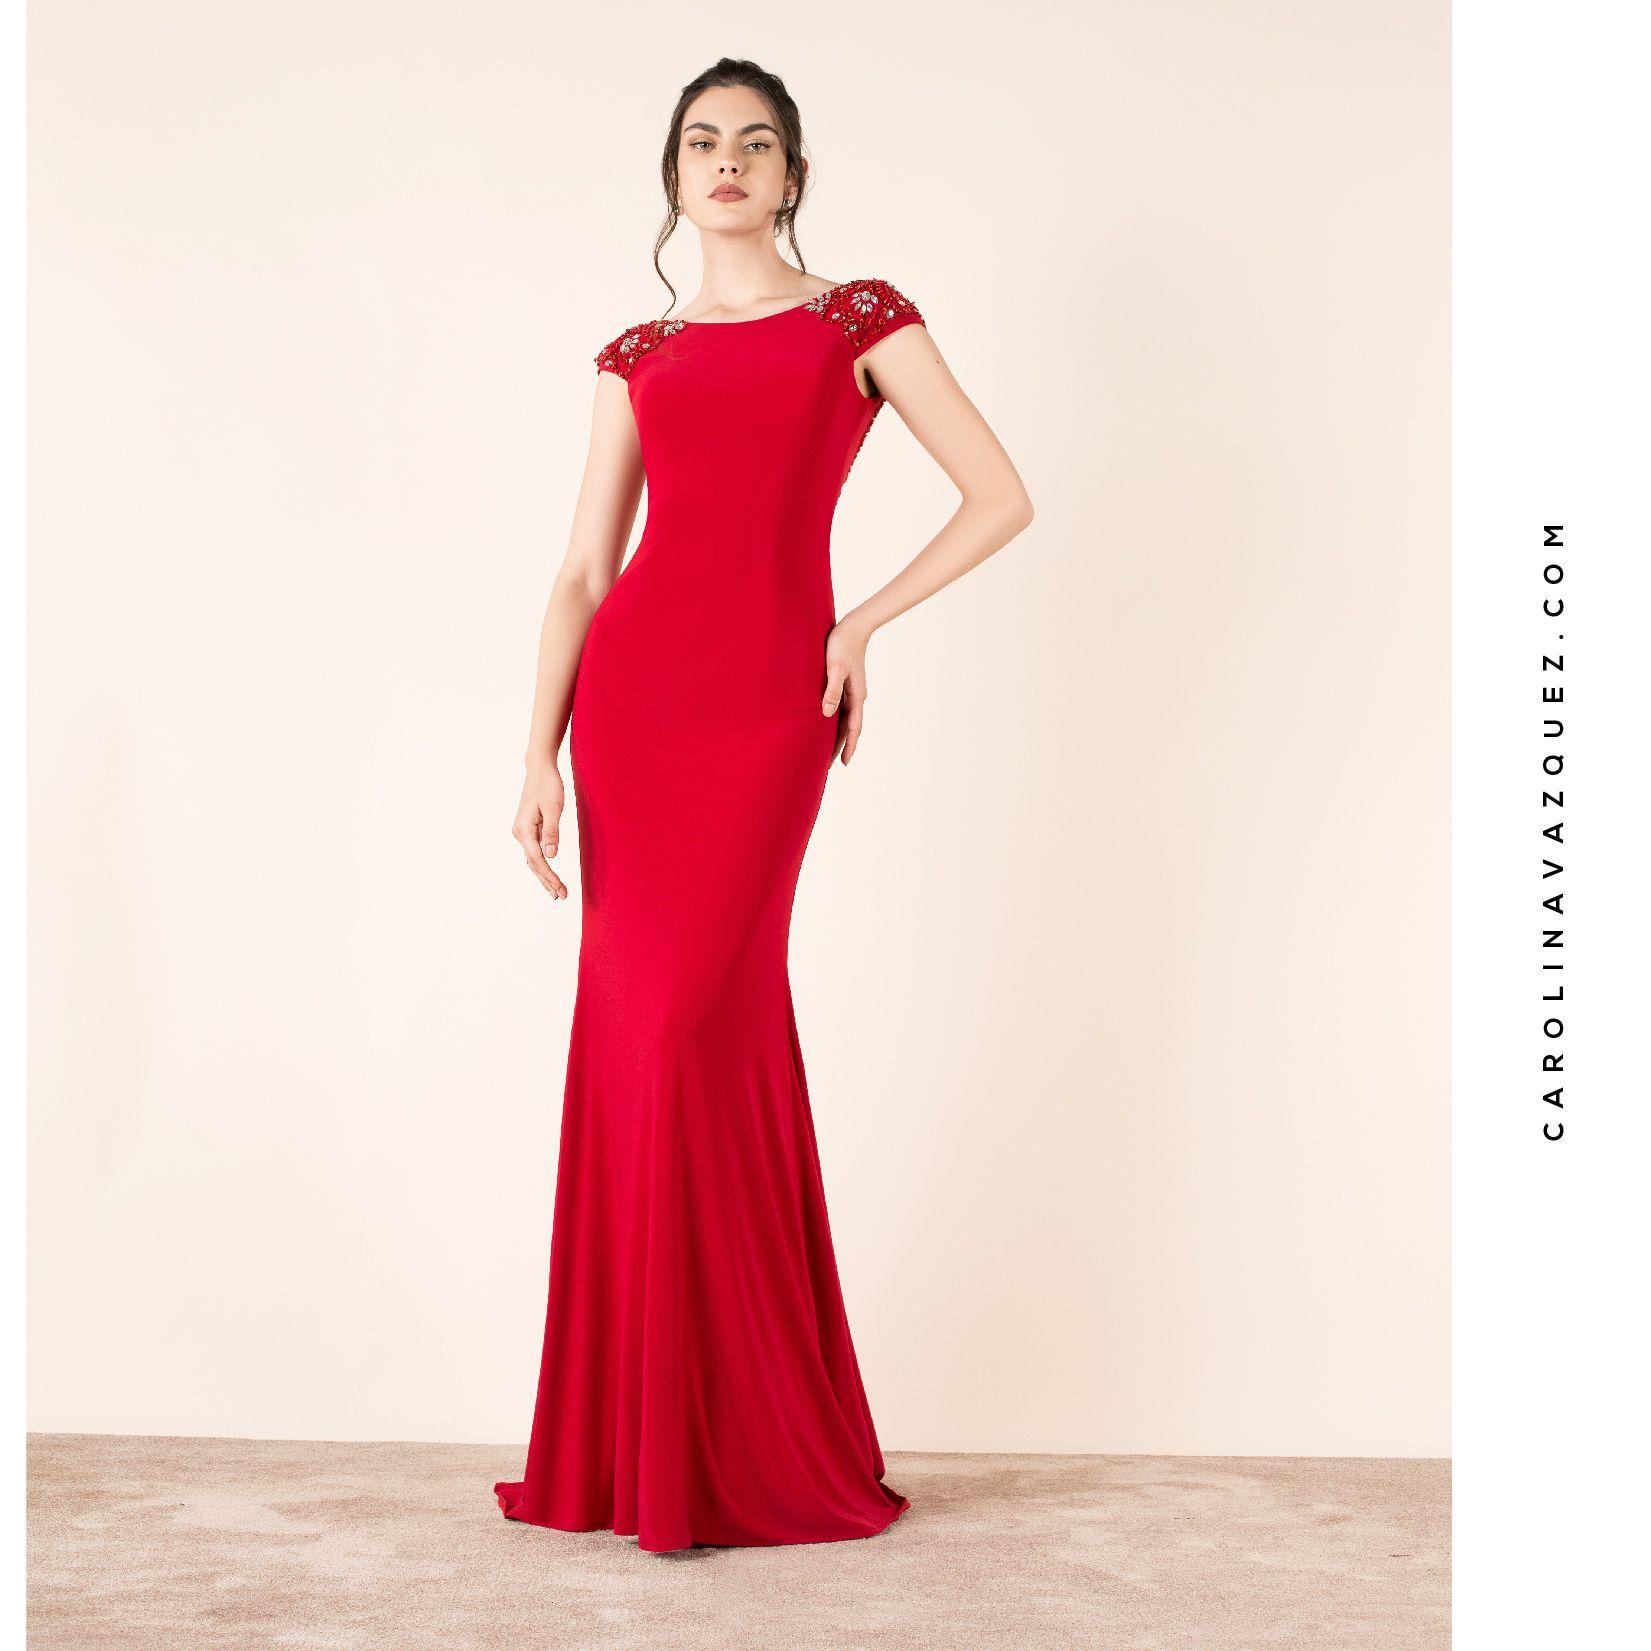 282393350 Elegante vestido con escote en espalda enmarcado con una exquisita  aplicación de pedrería.  vestidodefiesta